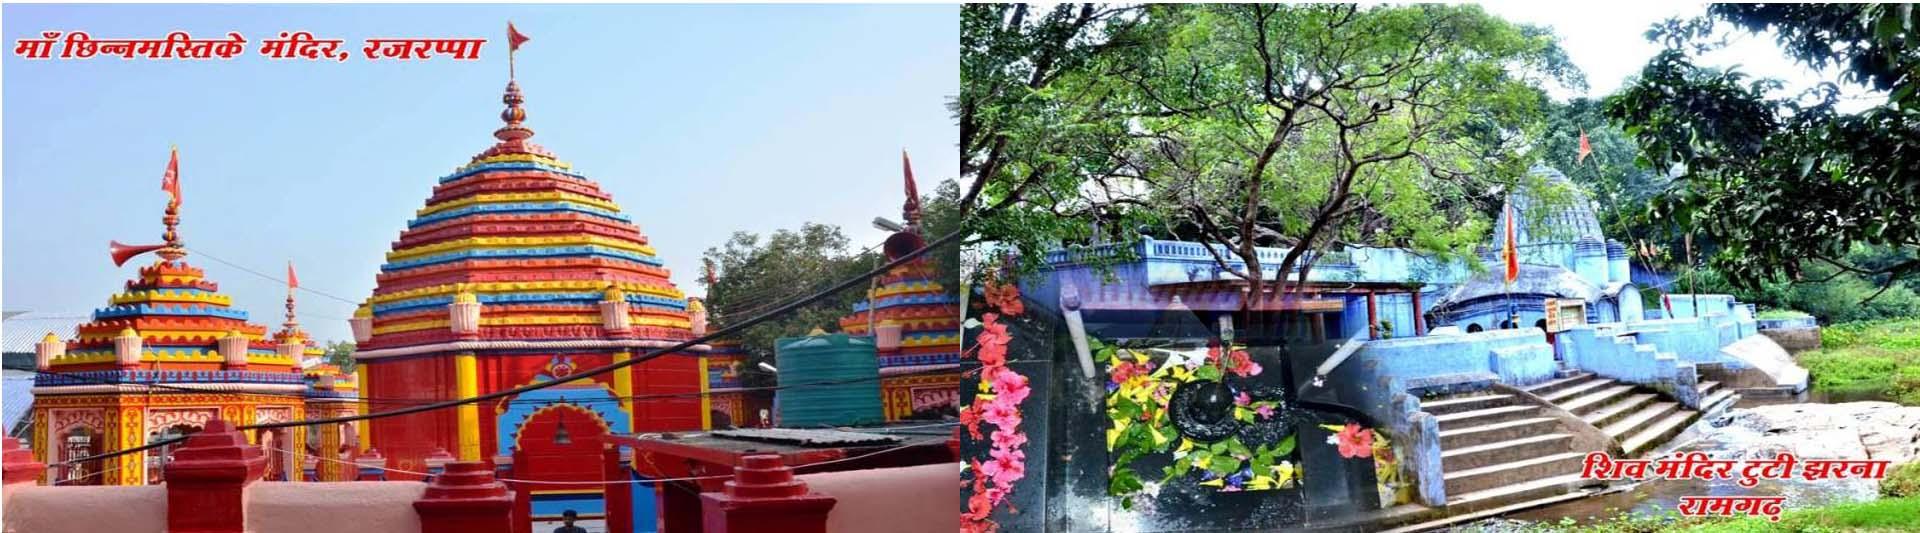 rajrappa & tuti jharna temple